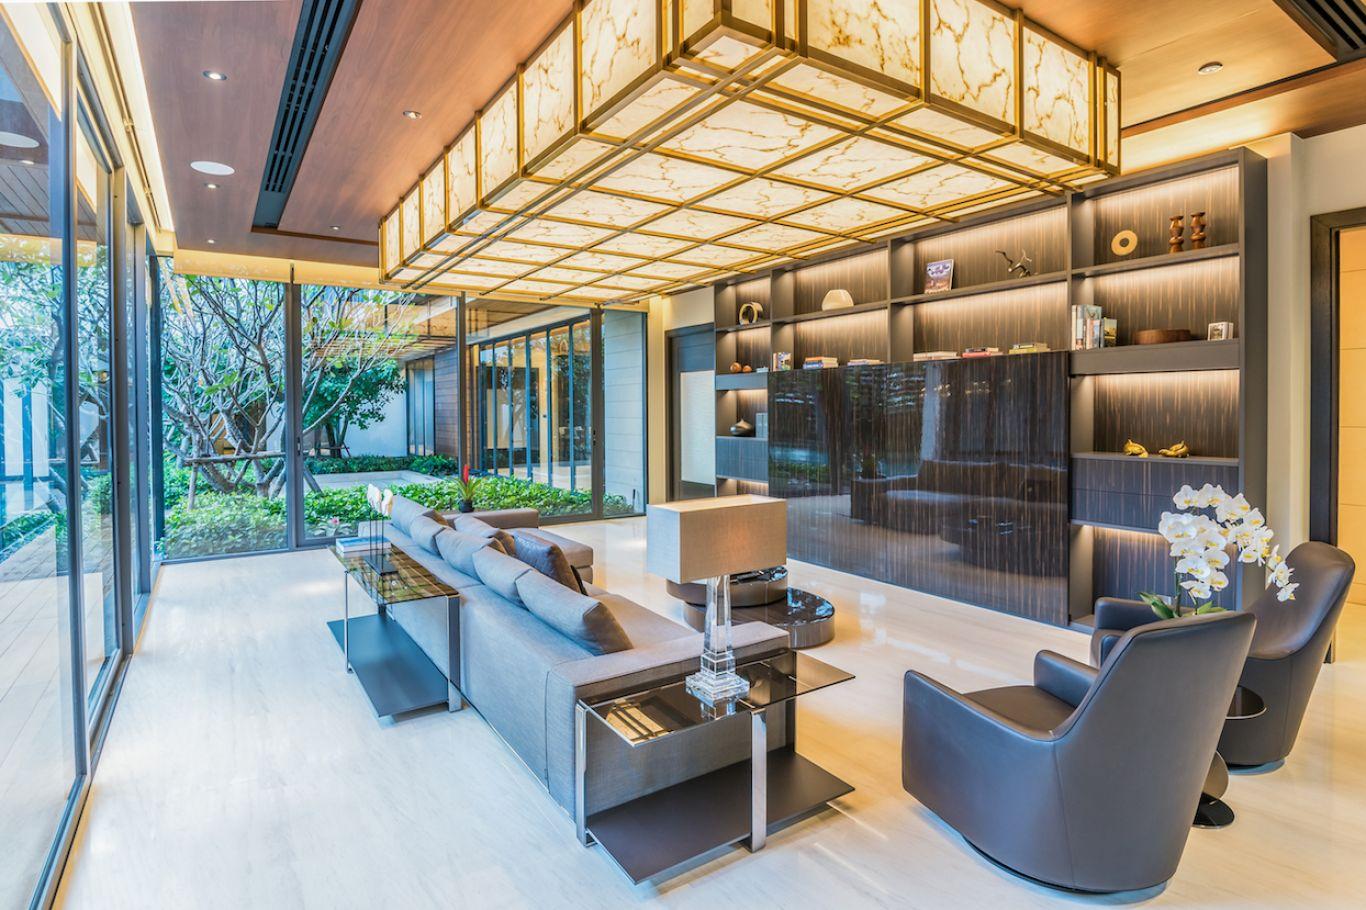 Living room with AV system, TV hidden